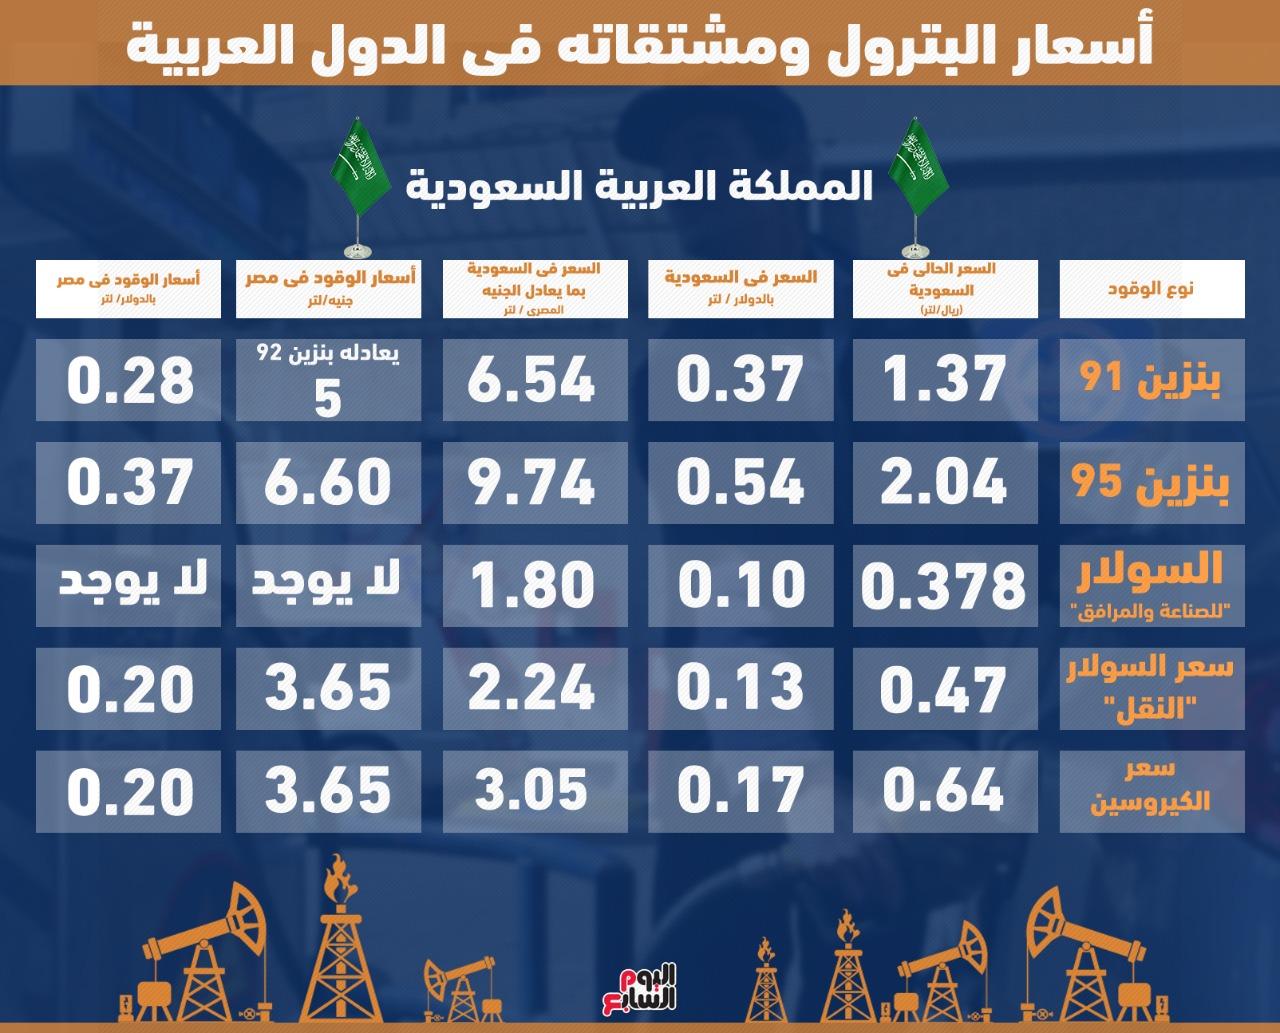 أسعار الوقود فى مصر أقل من دول عربية بنزين 92 سعره أرخص من